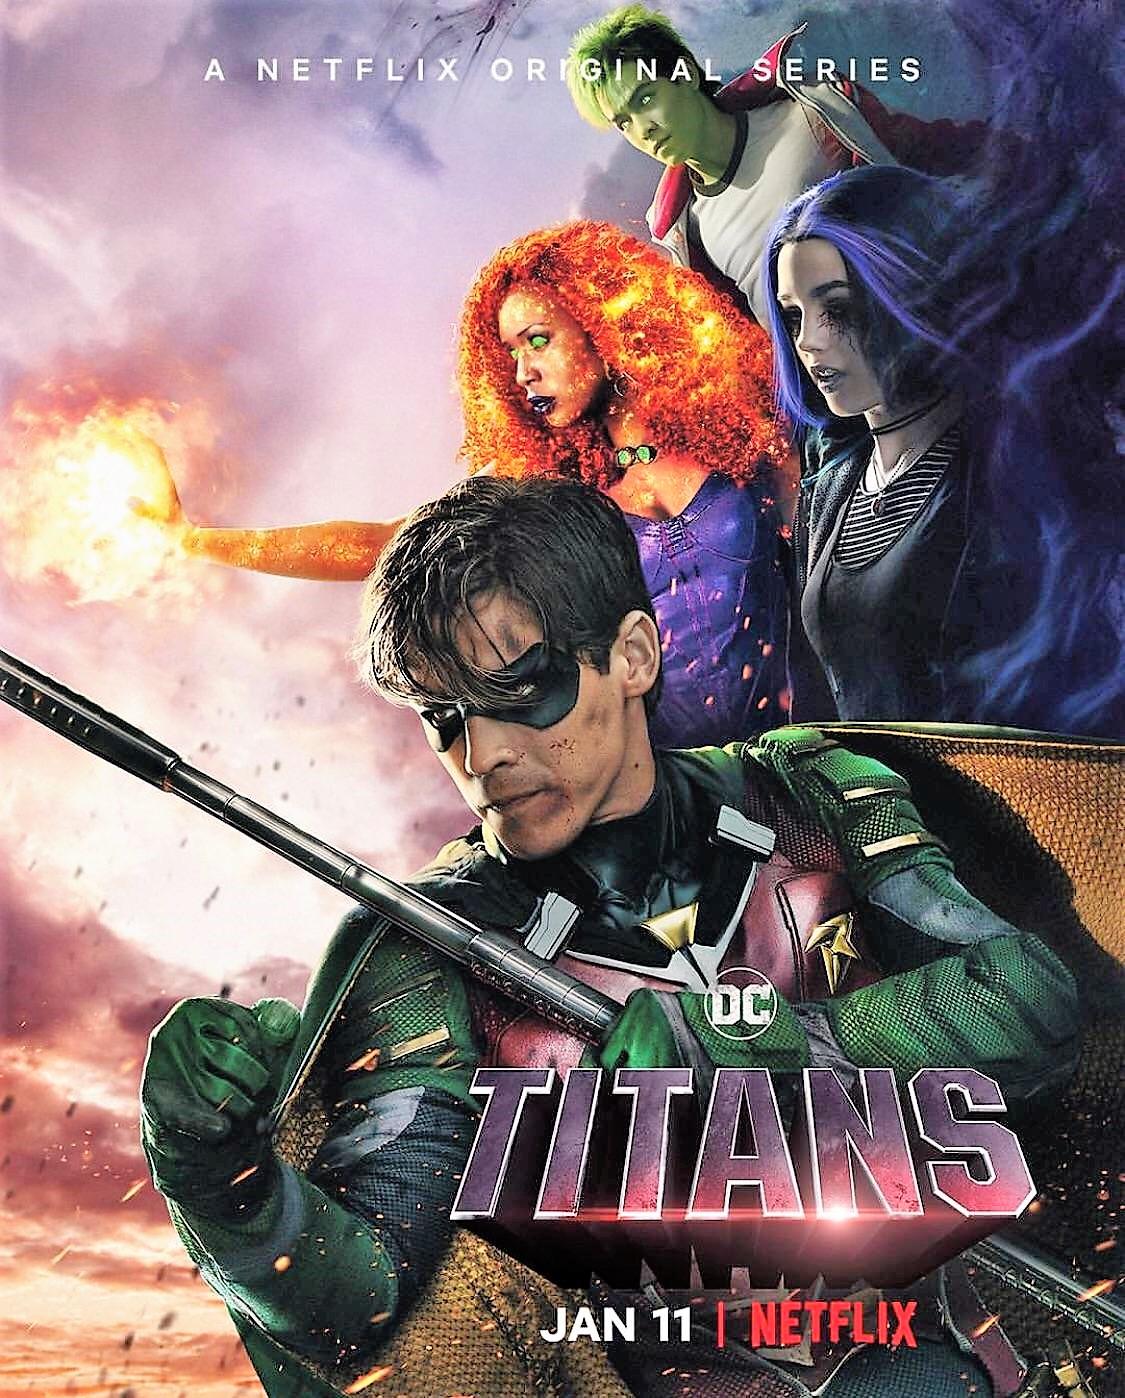 Titans (2018) Season 1 1080p x265 10Bits Dual